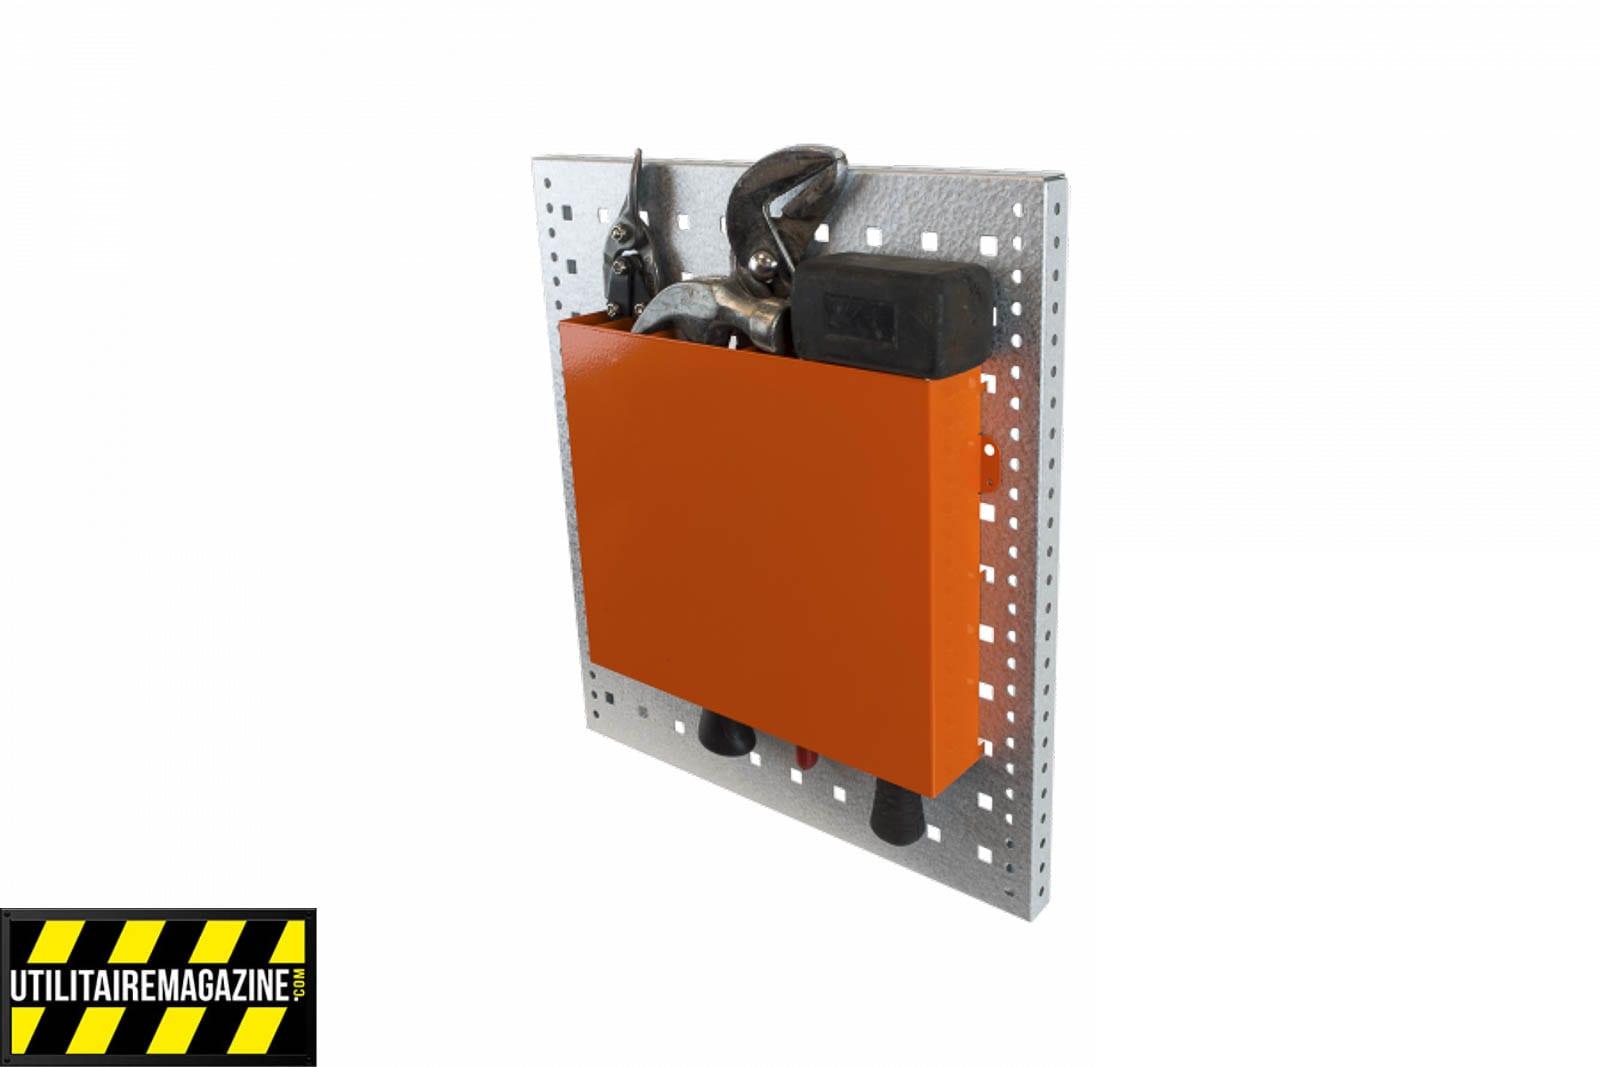 Aménagement utilitaire Work System : une des smartbox parmi plusieurs modèles disponibles